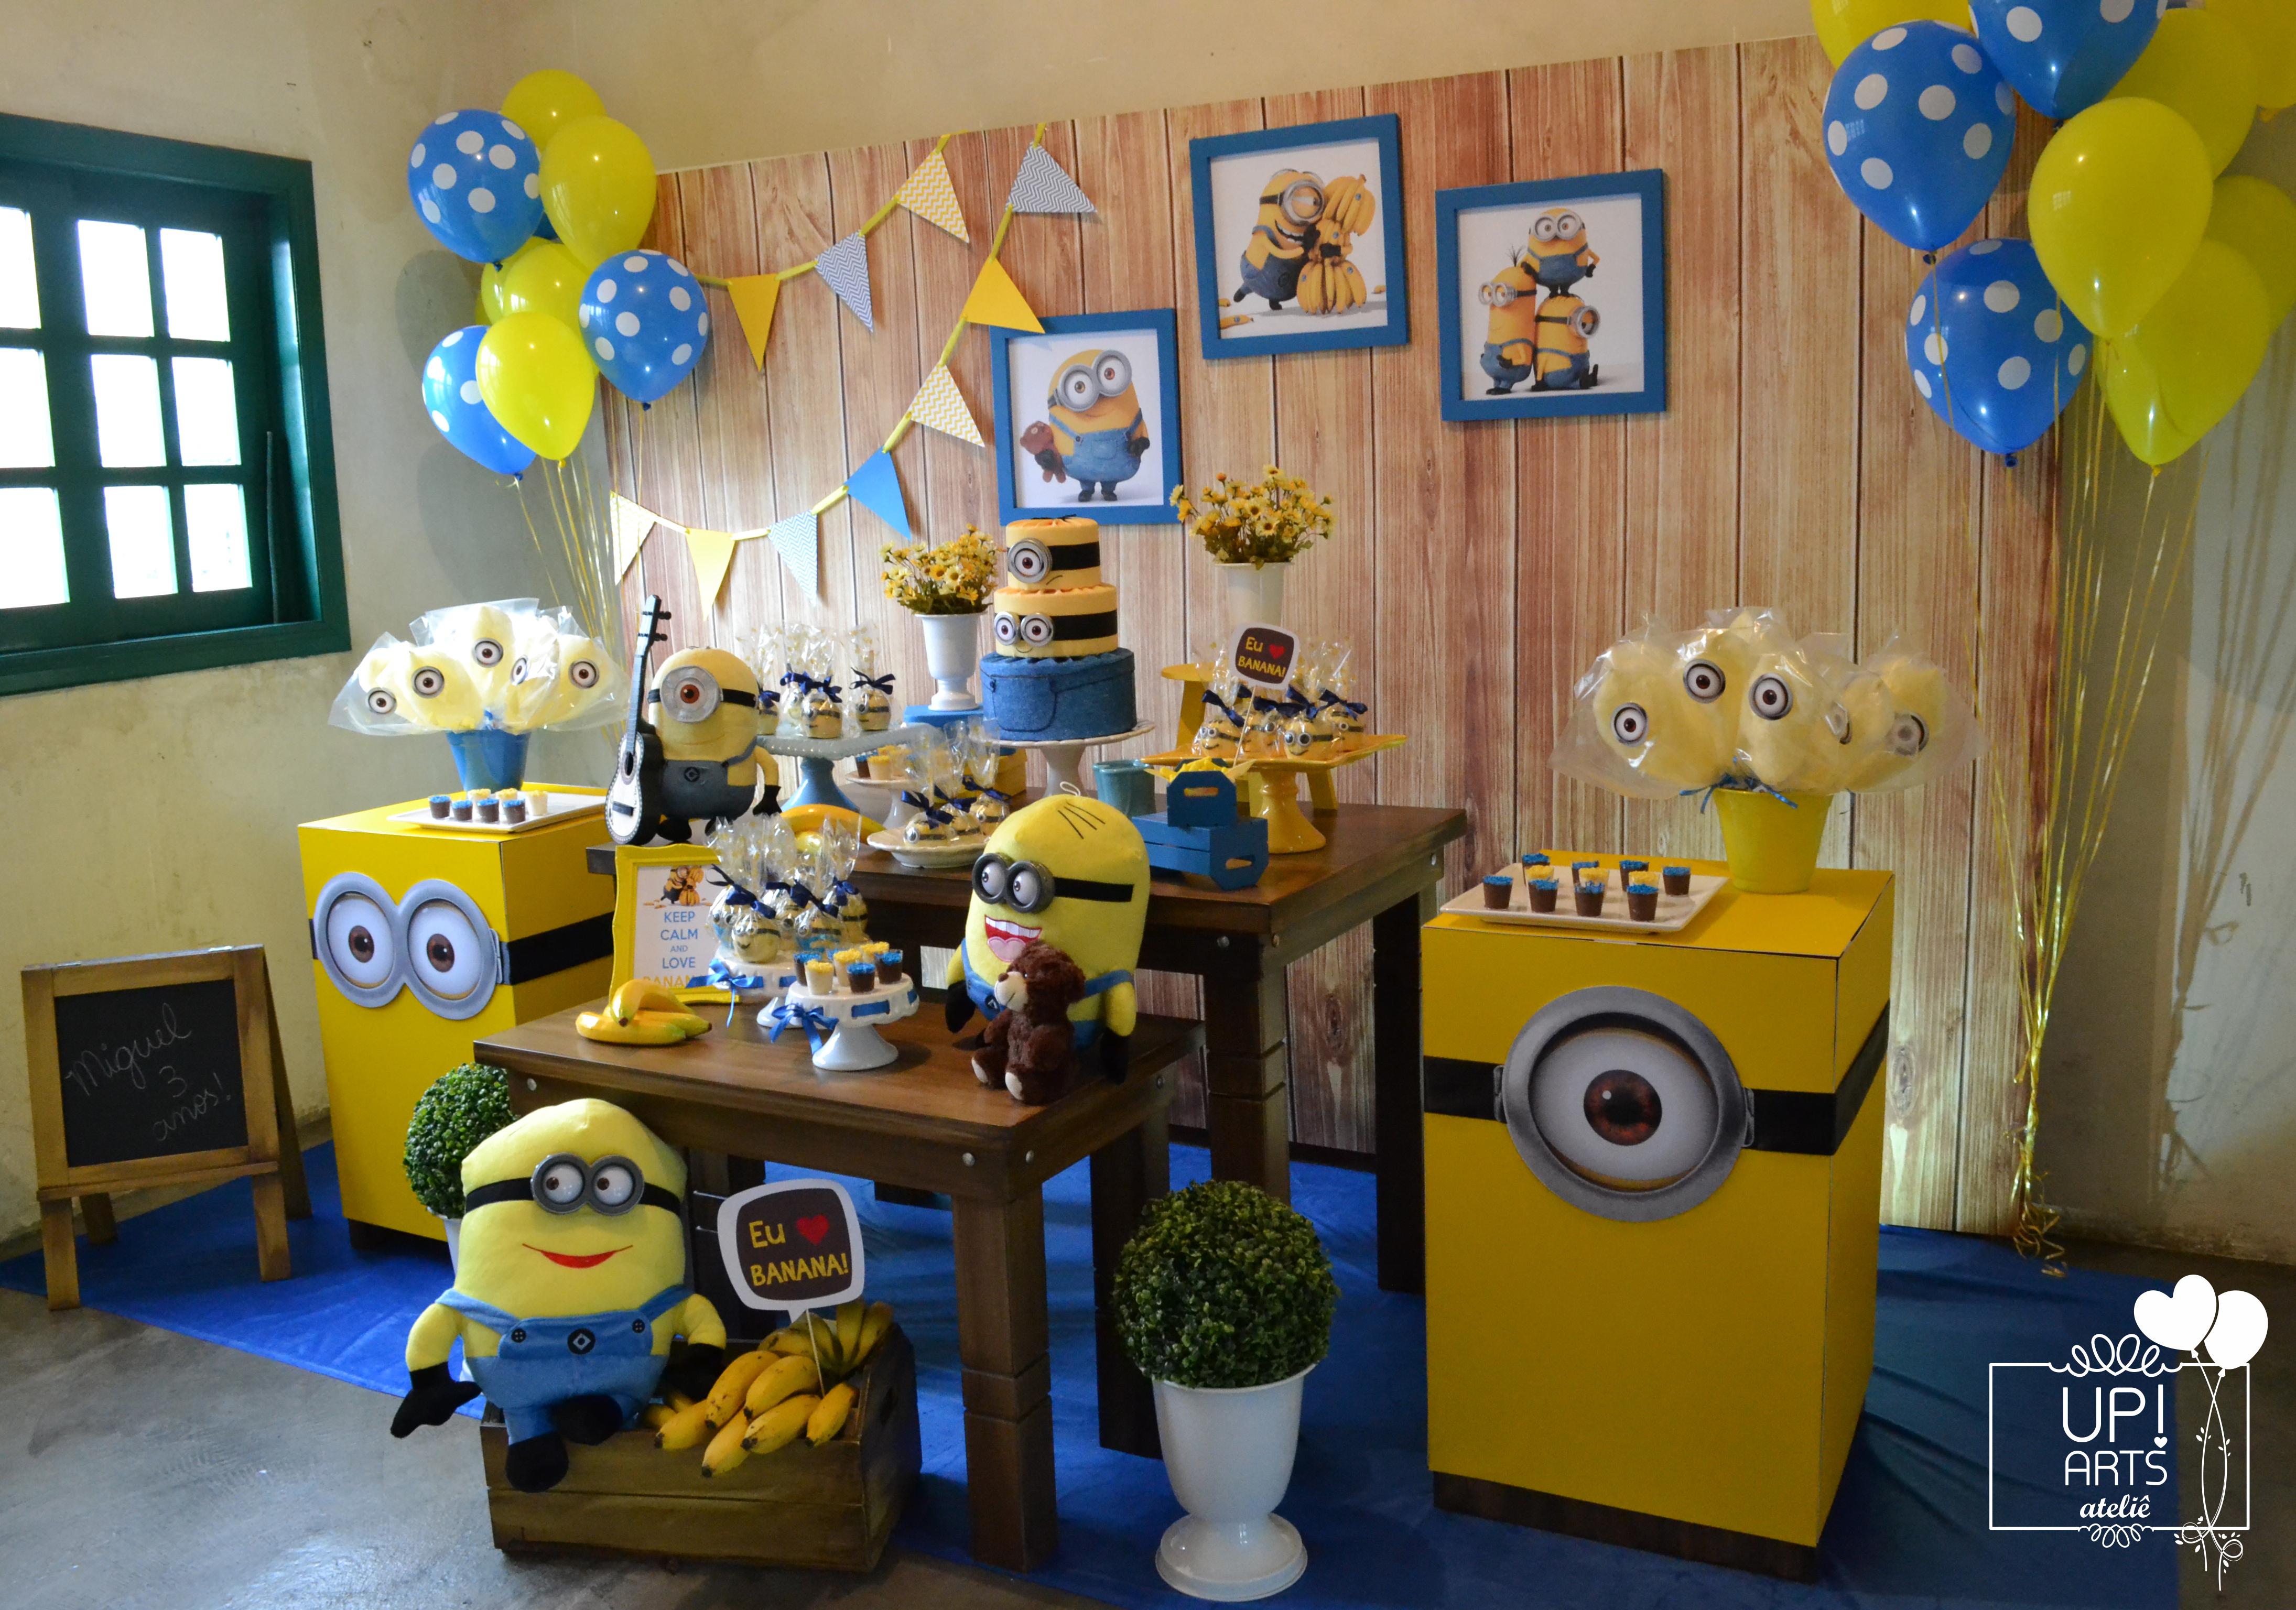 decoracao-festa-minions-minions-festaminions-decoracaominions-banana-aniversariominions.jpg